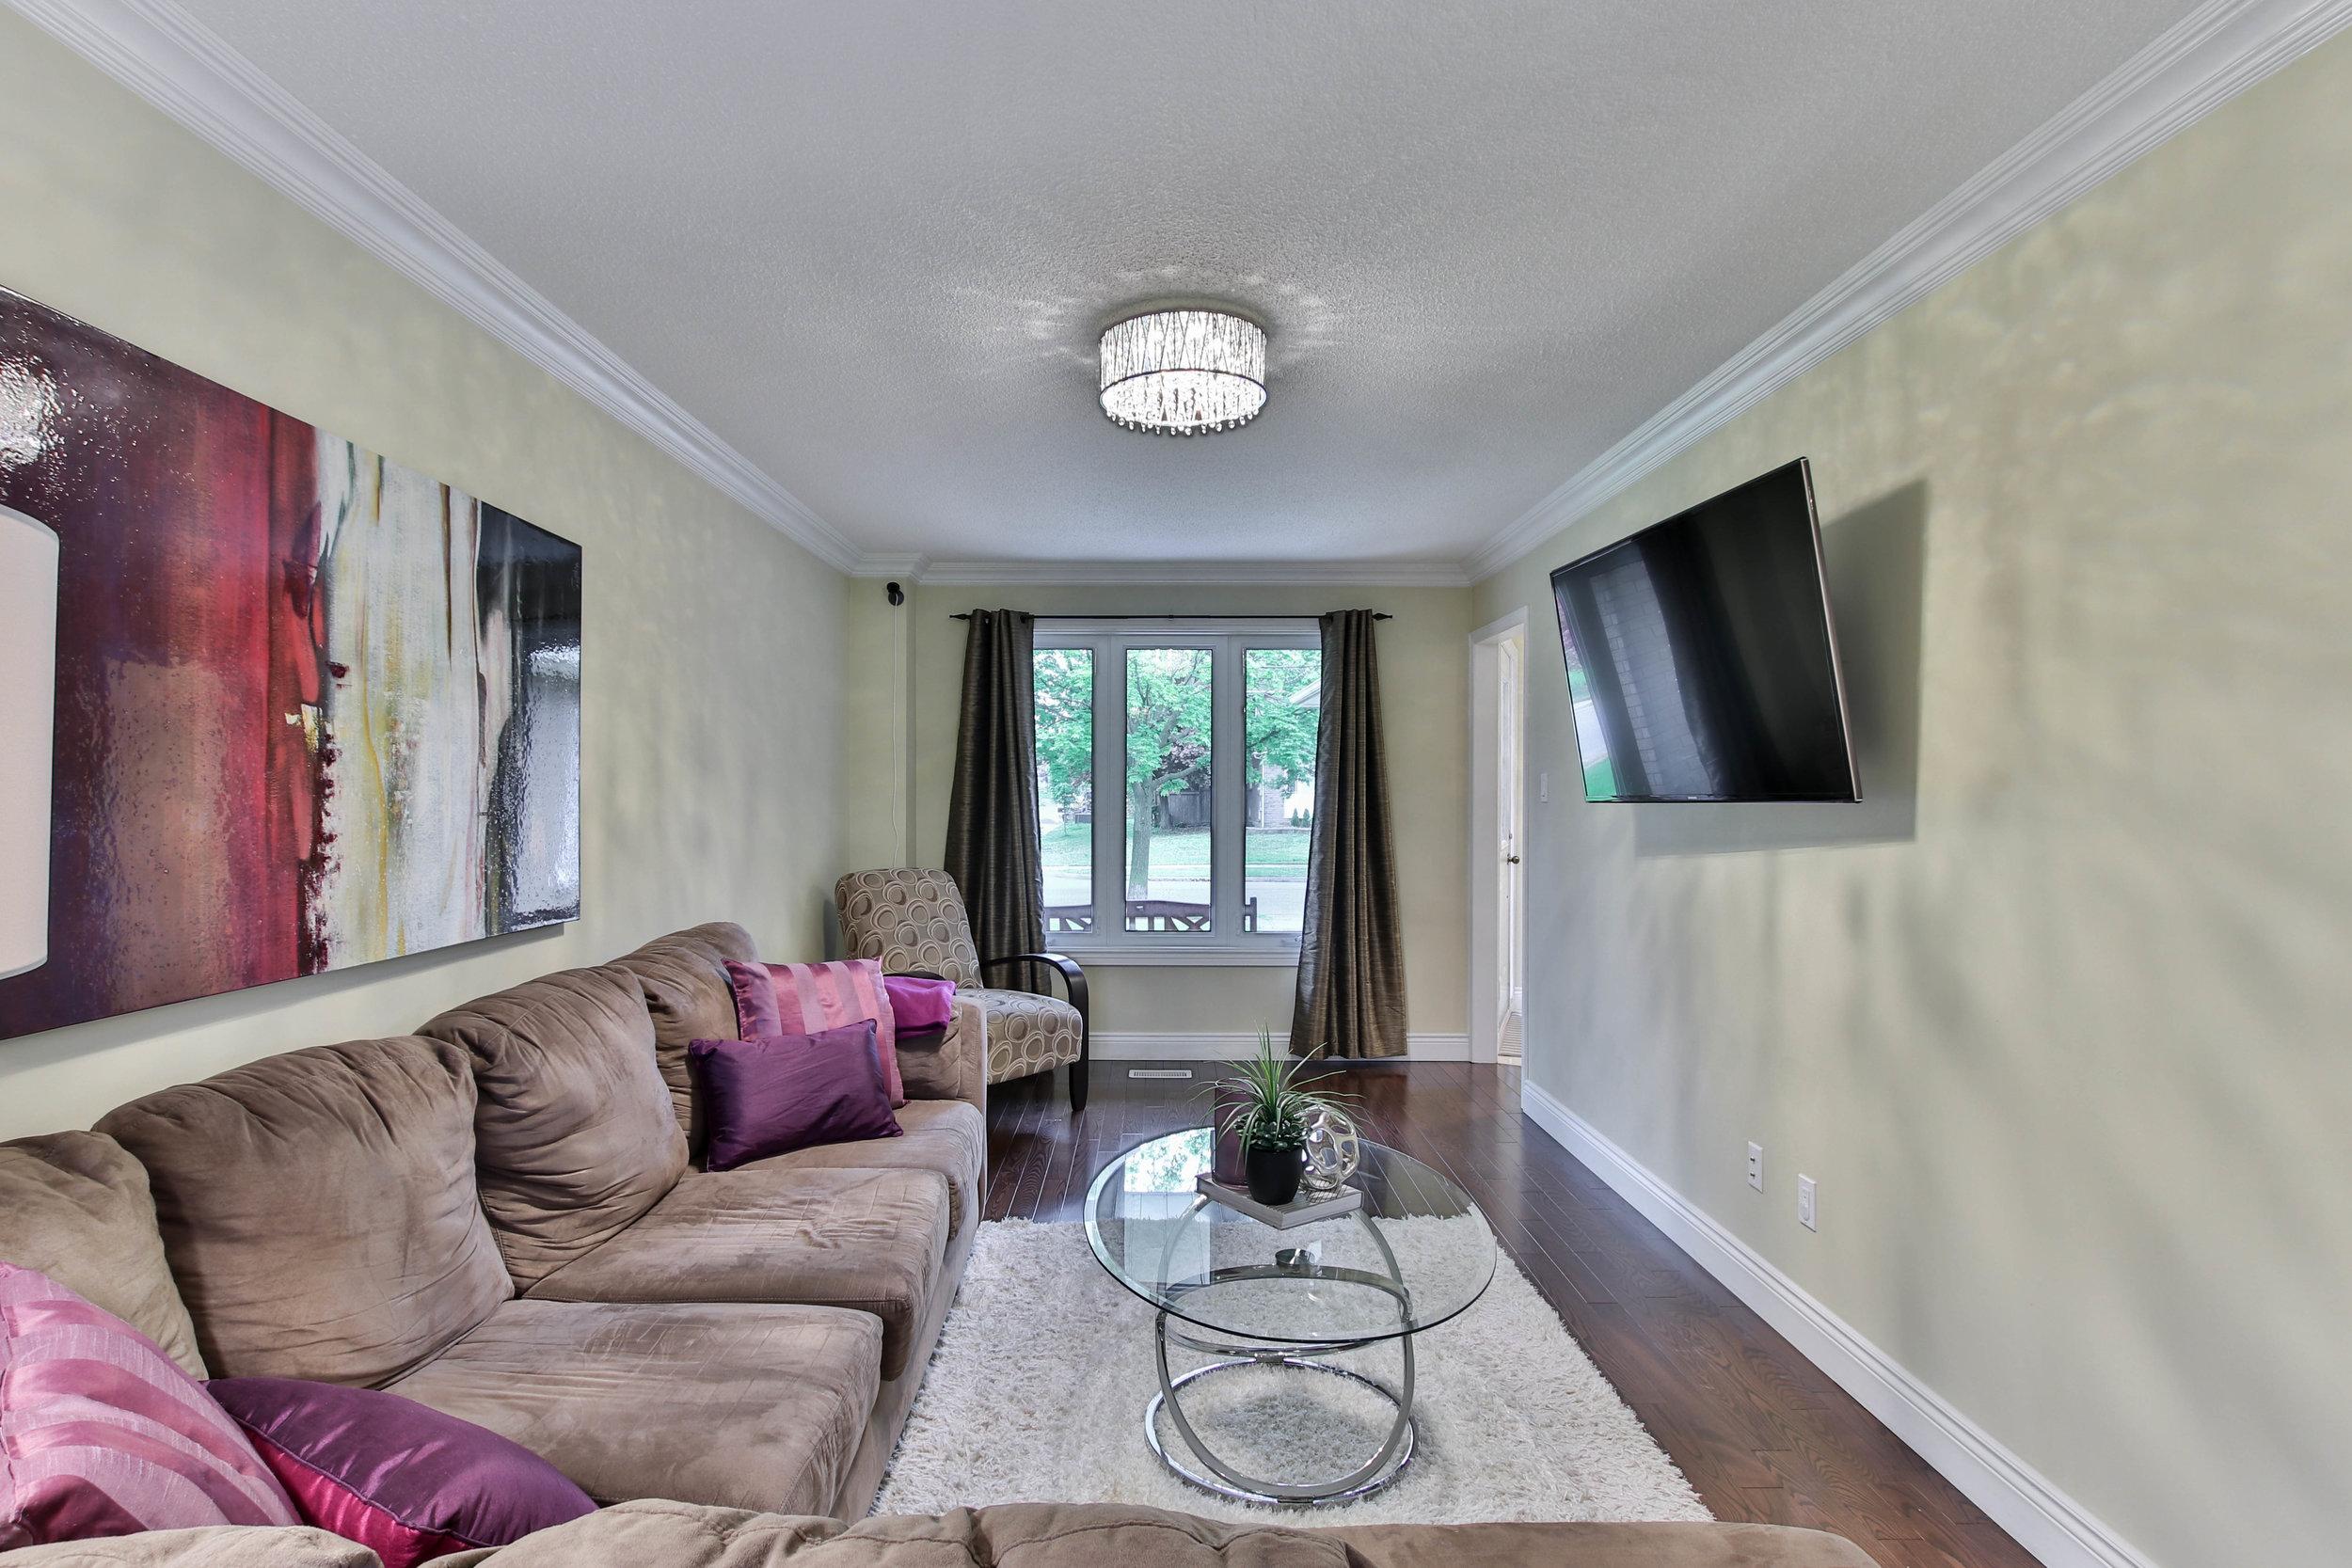 26_Livingroom.jpg